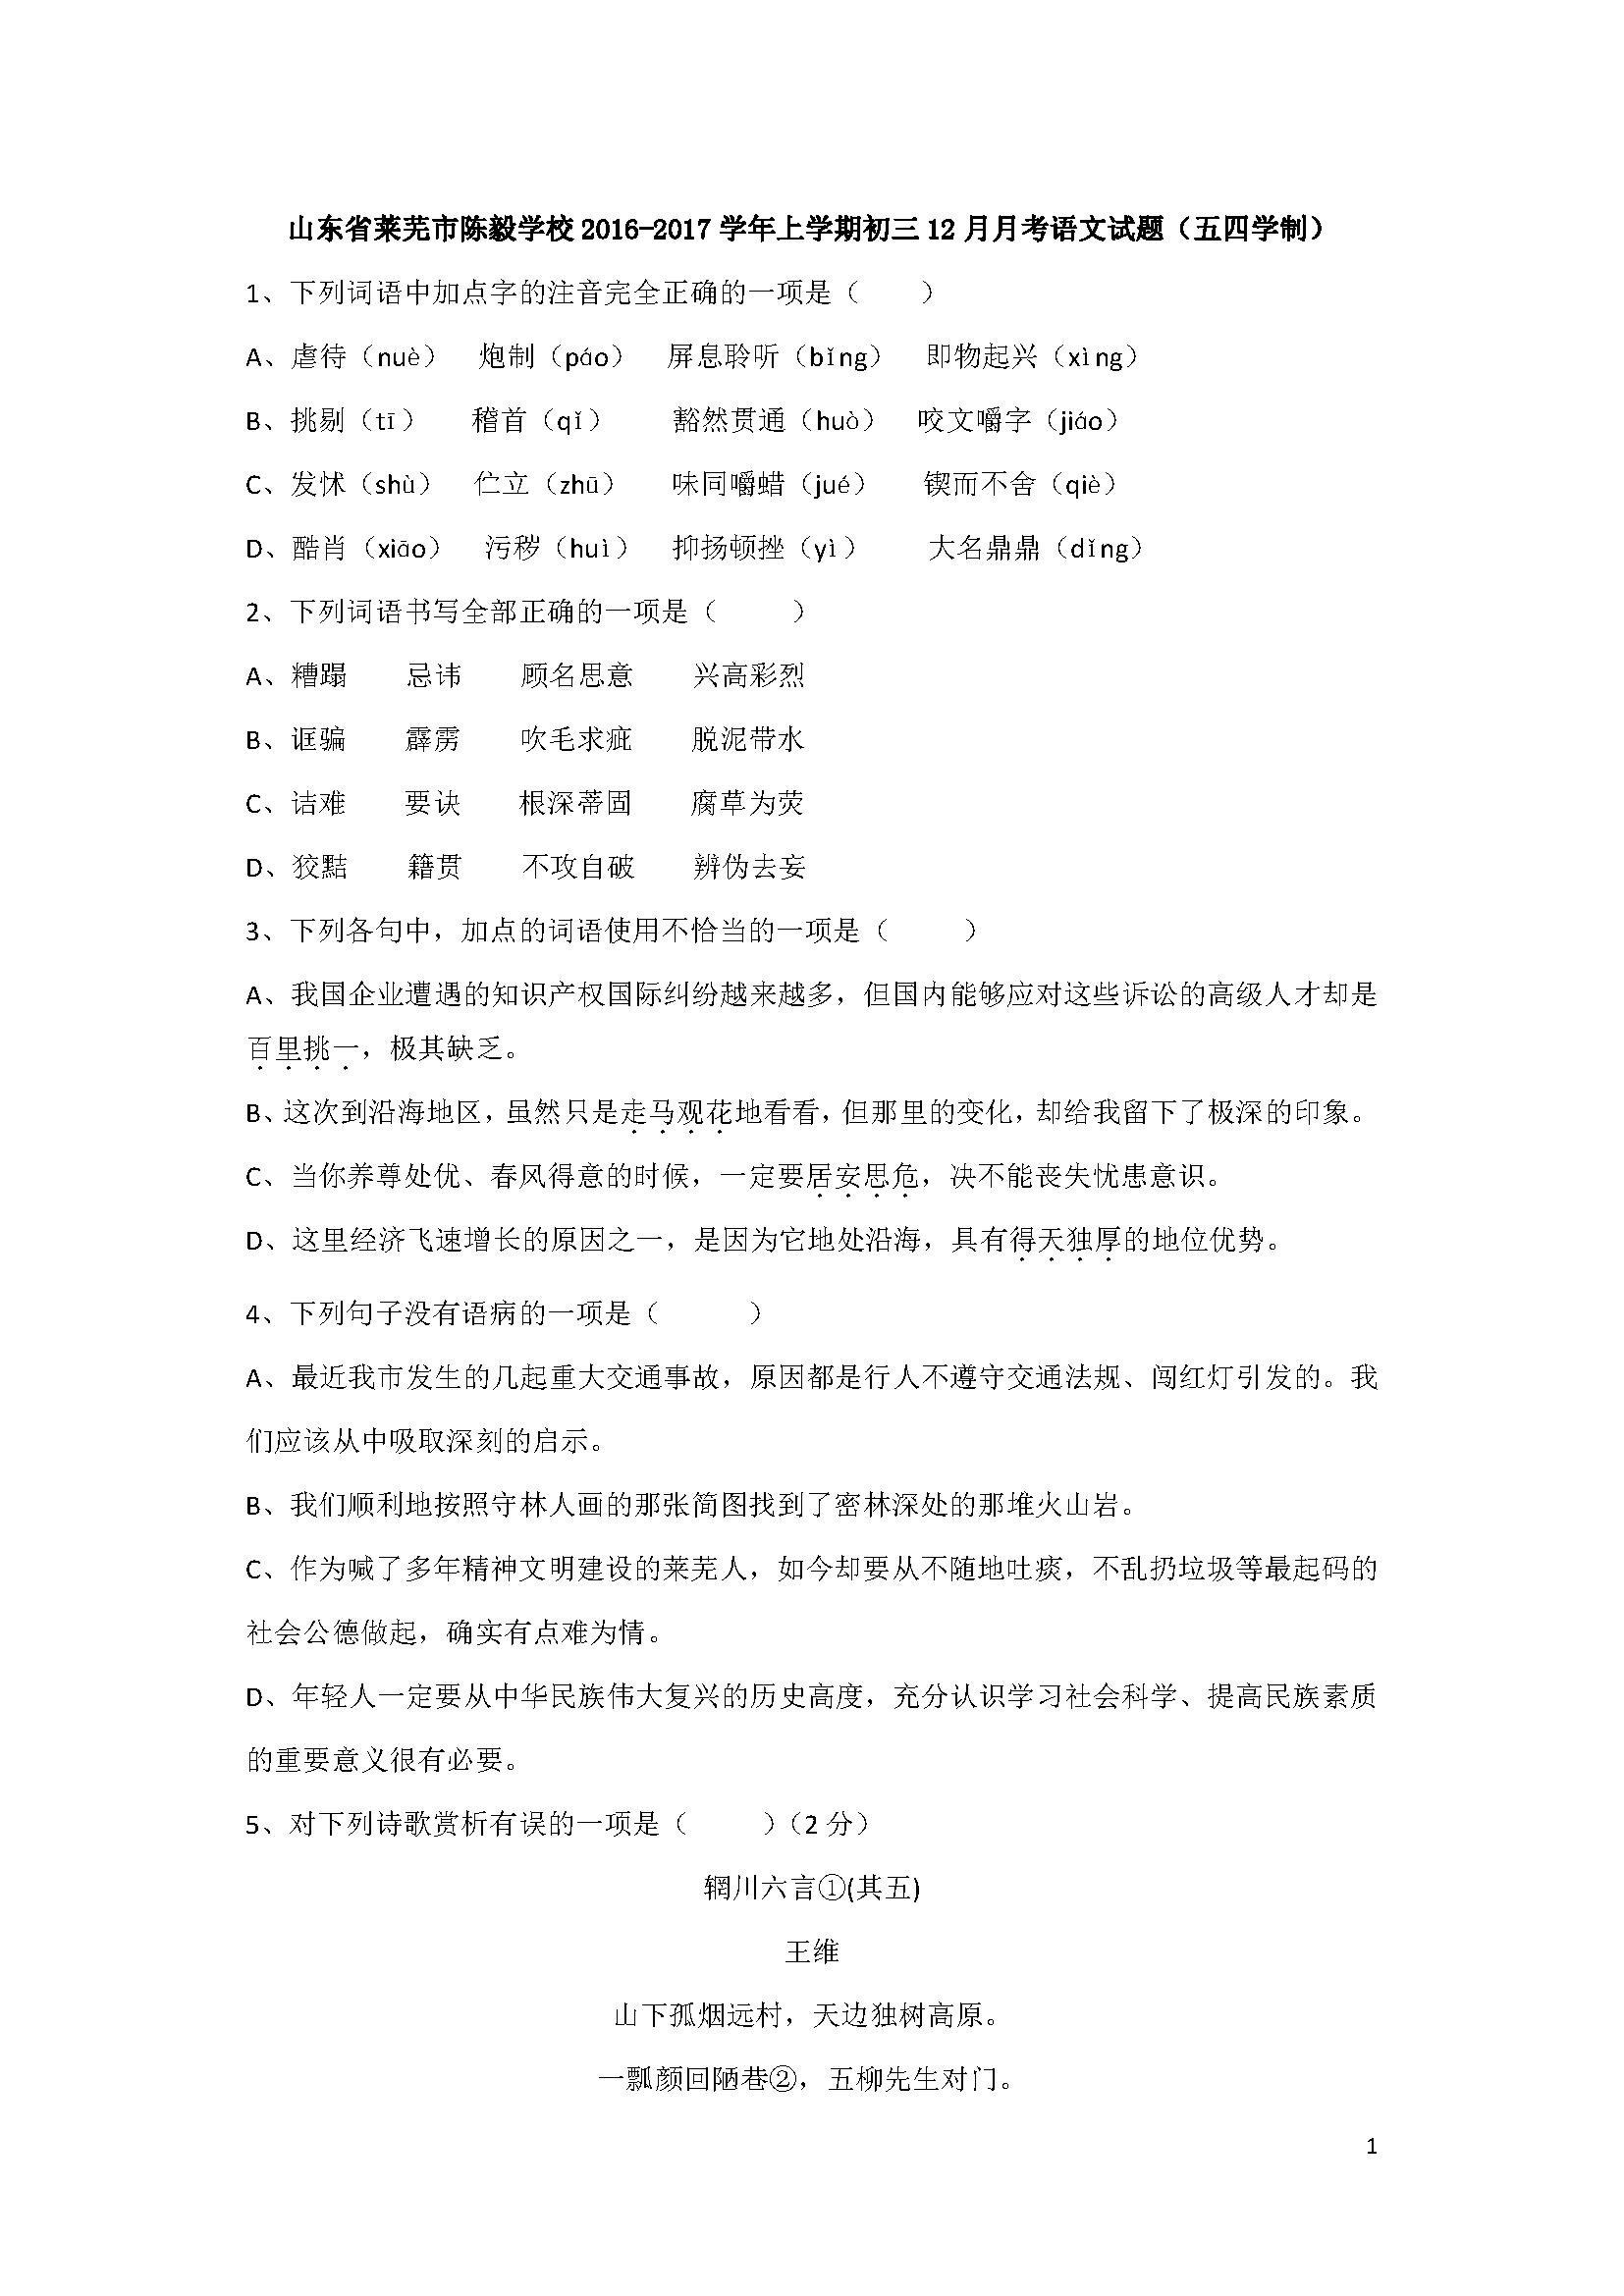 山东莱芜陈毅学校2016-2017上初三12月月考语文试题(Word版)